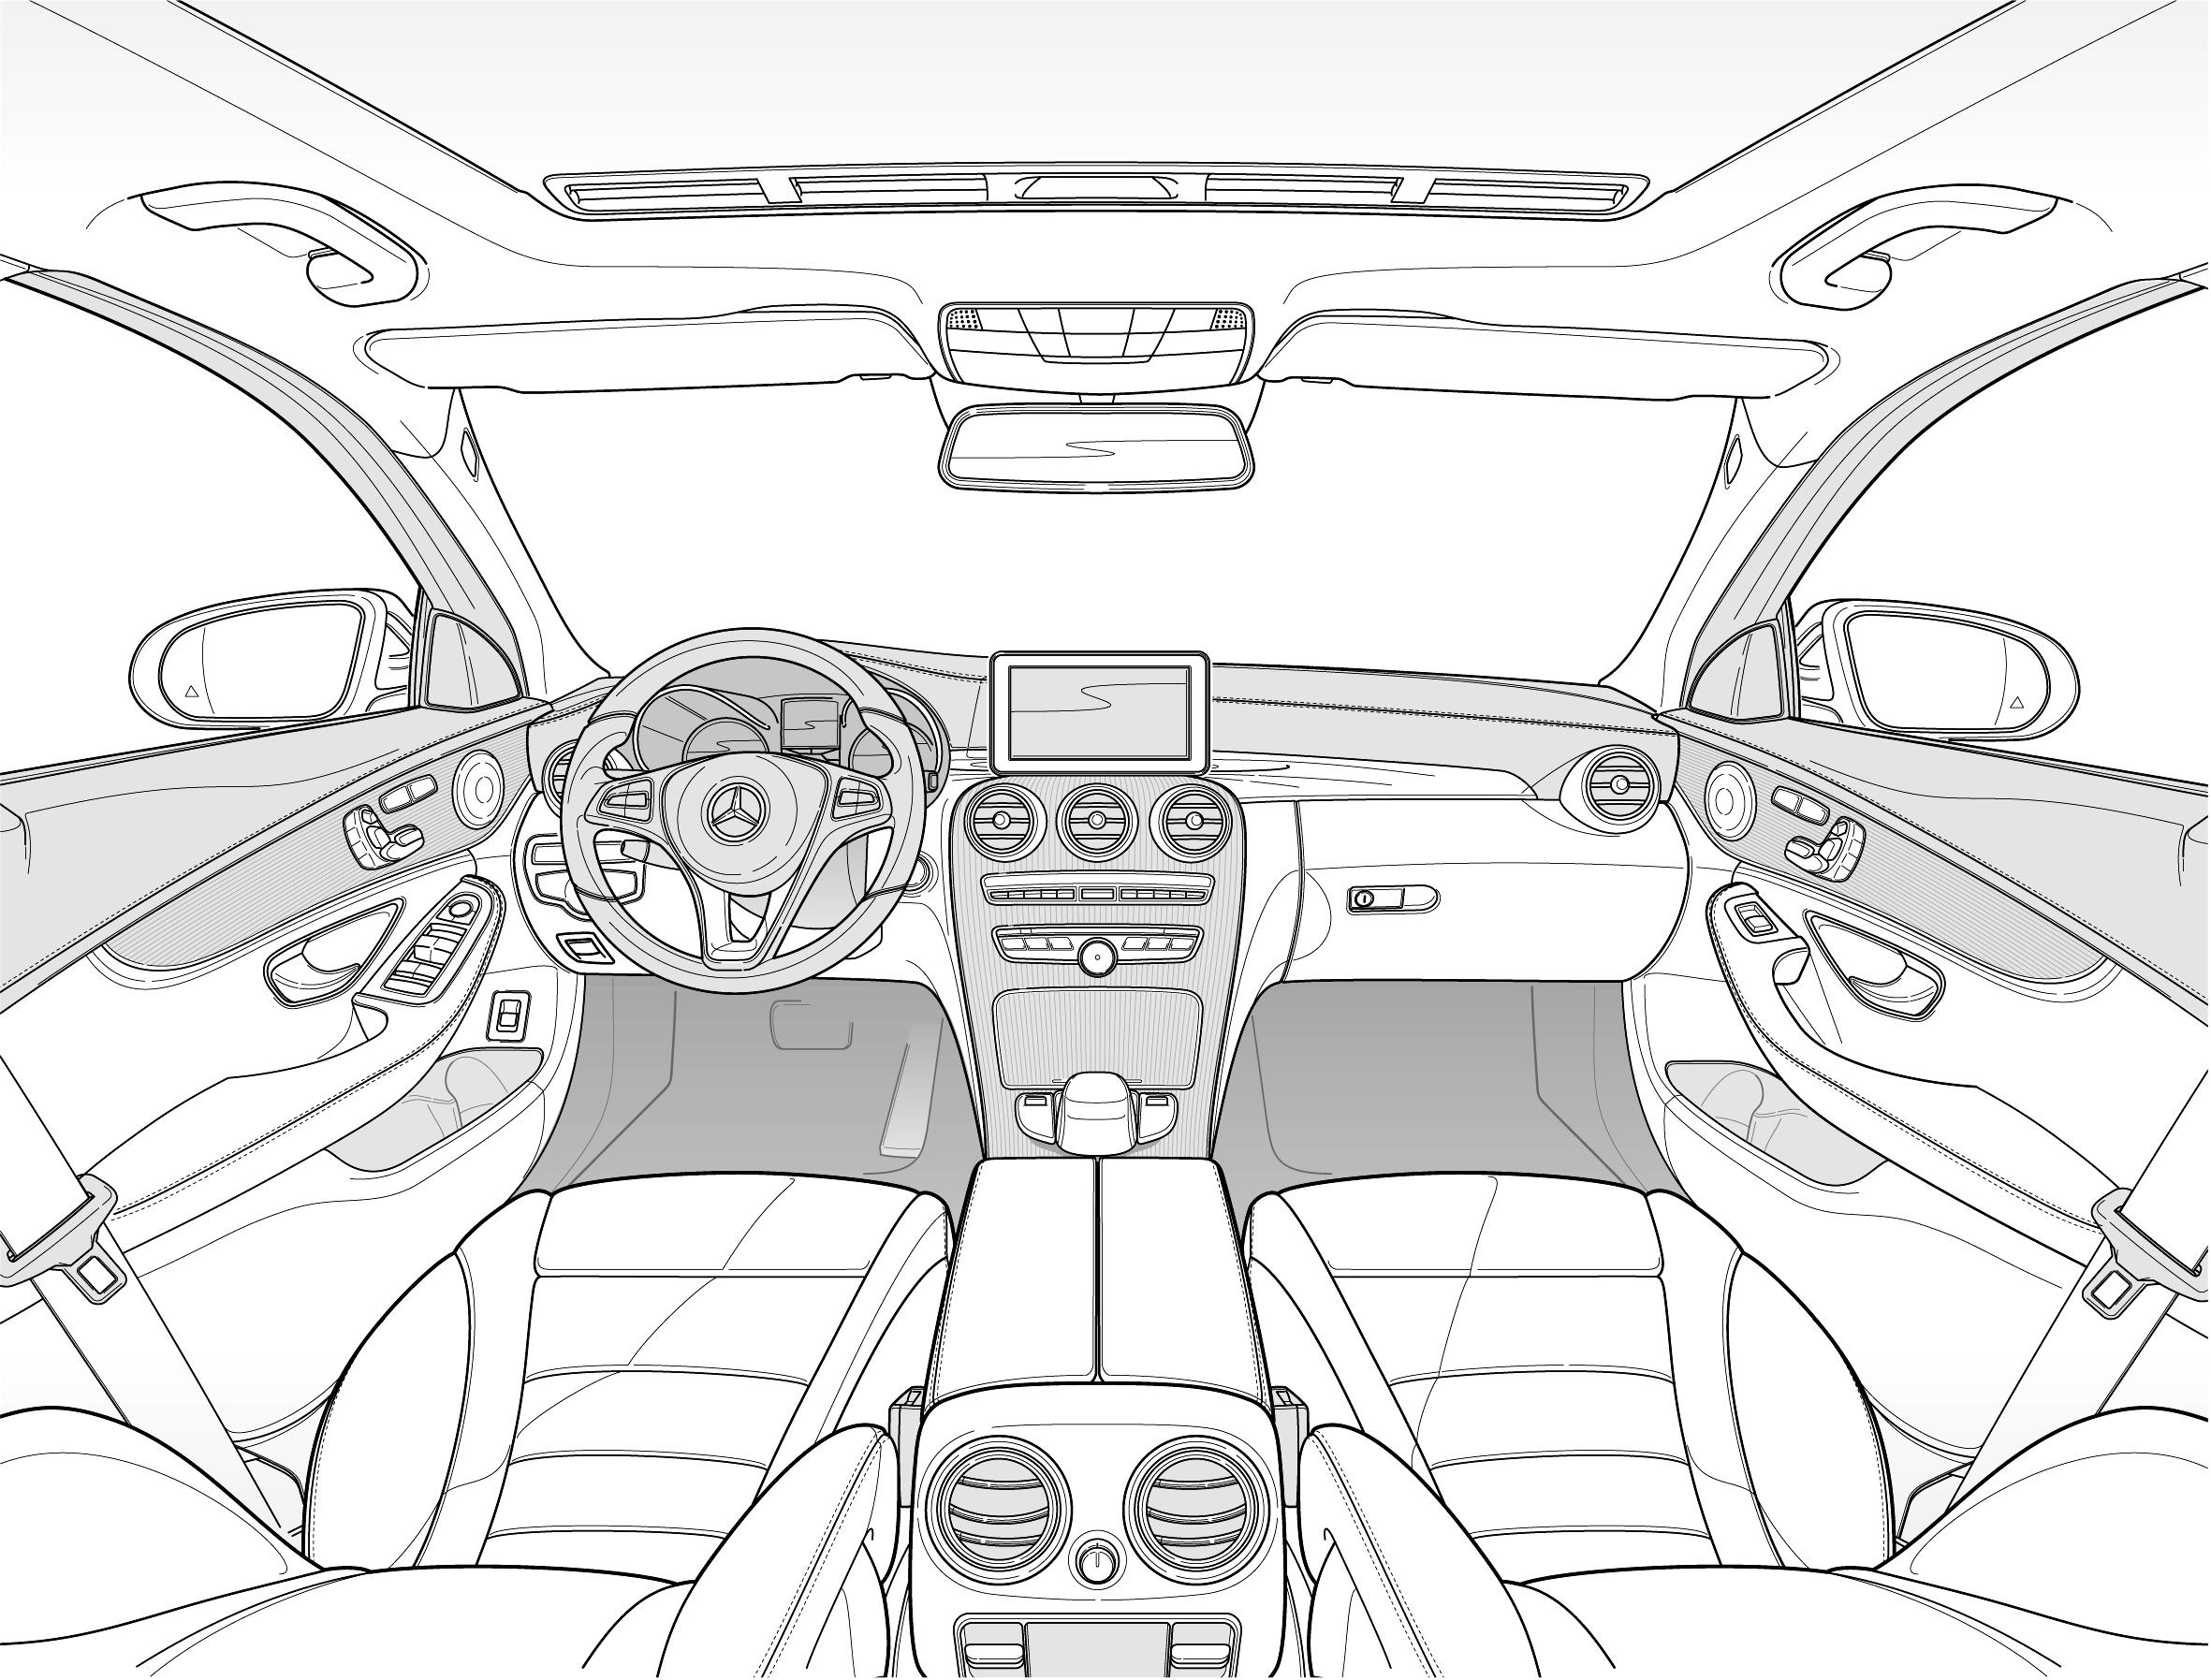 Michael-Vestner-Illustration-Collection-of-Mobility-Mercedes-Benz-23.jpg